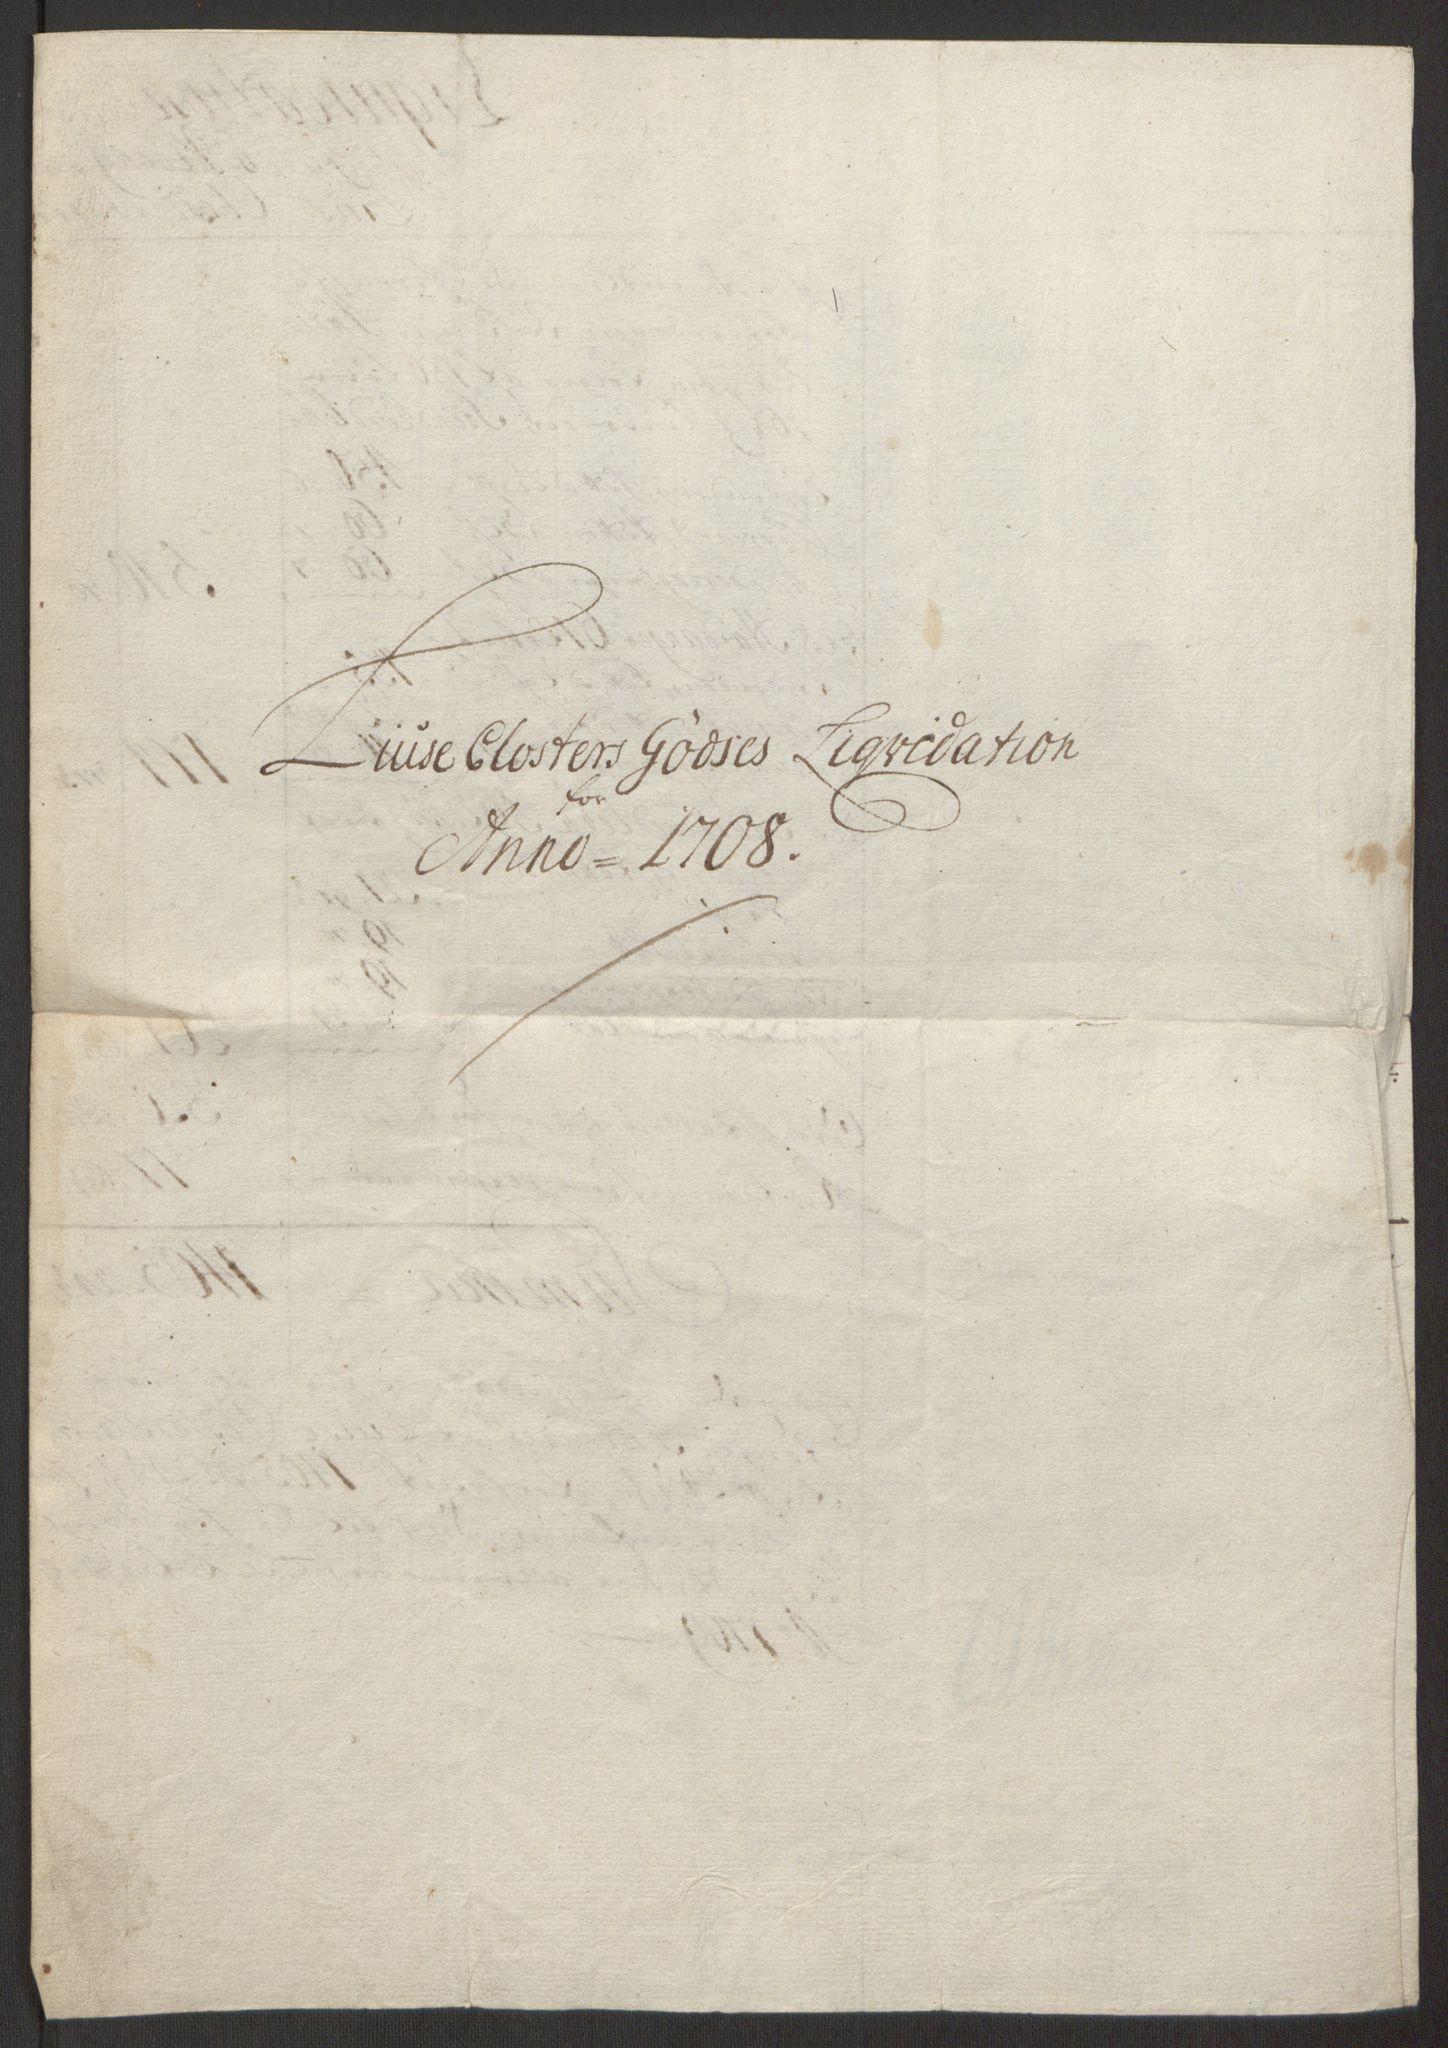 RA, Rentekammeret inntil 1814, Reviderte regnskaper, Fogderegnskap, R50/L3159: Fogderegnskap Lyse kloster, 1691-1709, s. 291